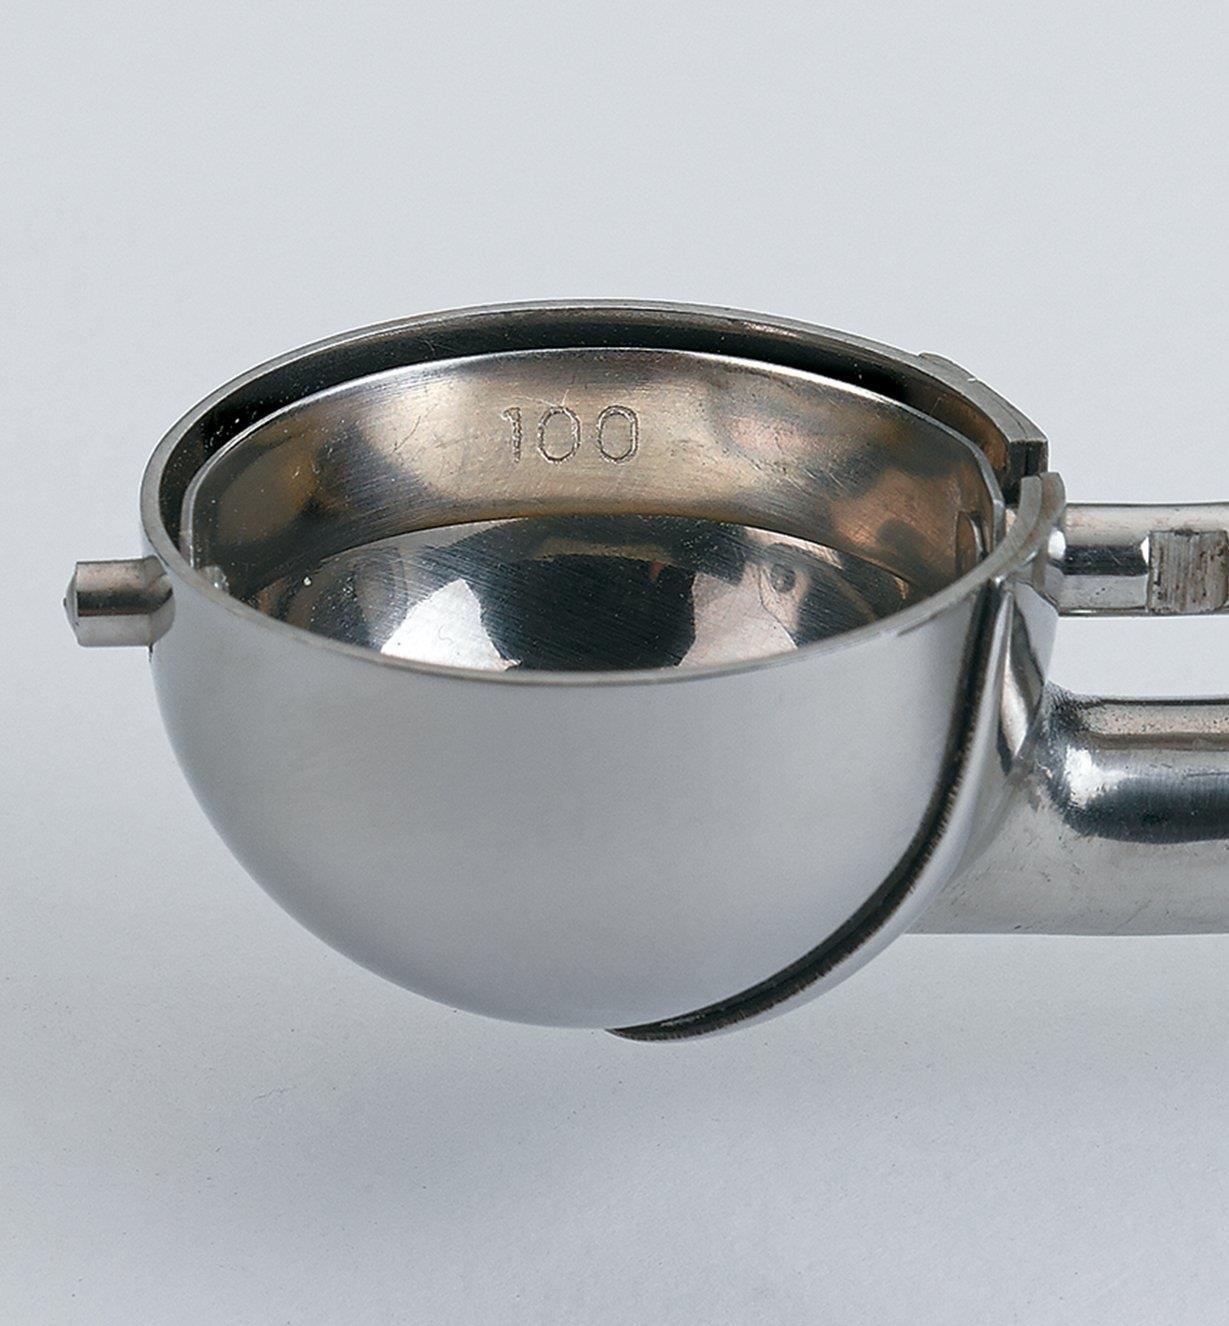 EV352 - Cuillère no100, 11/8po de diamètre